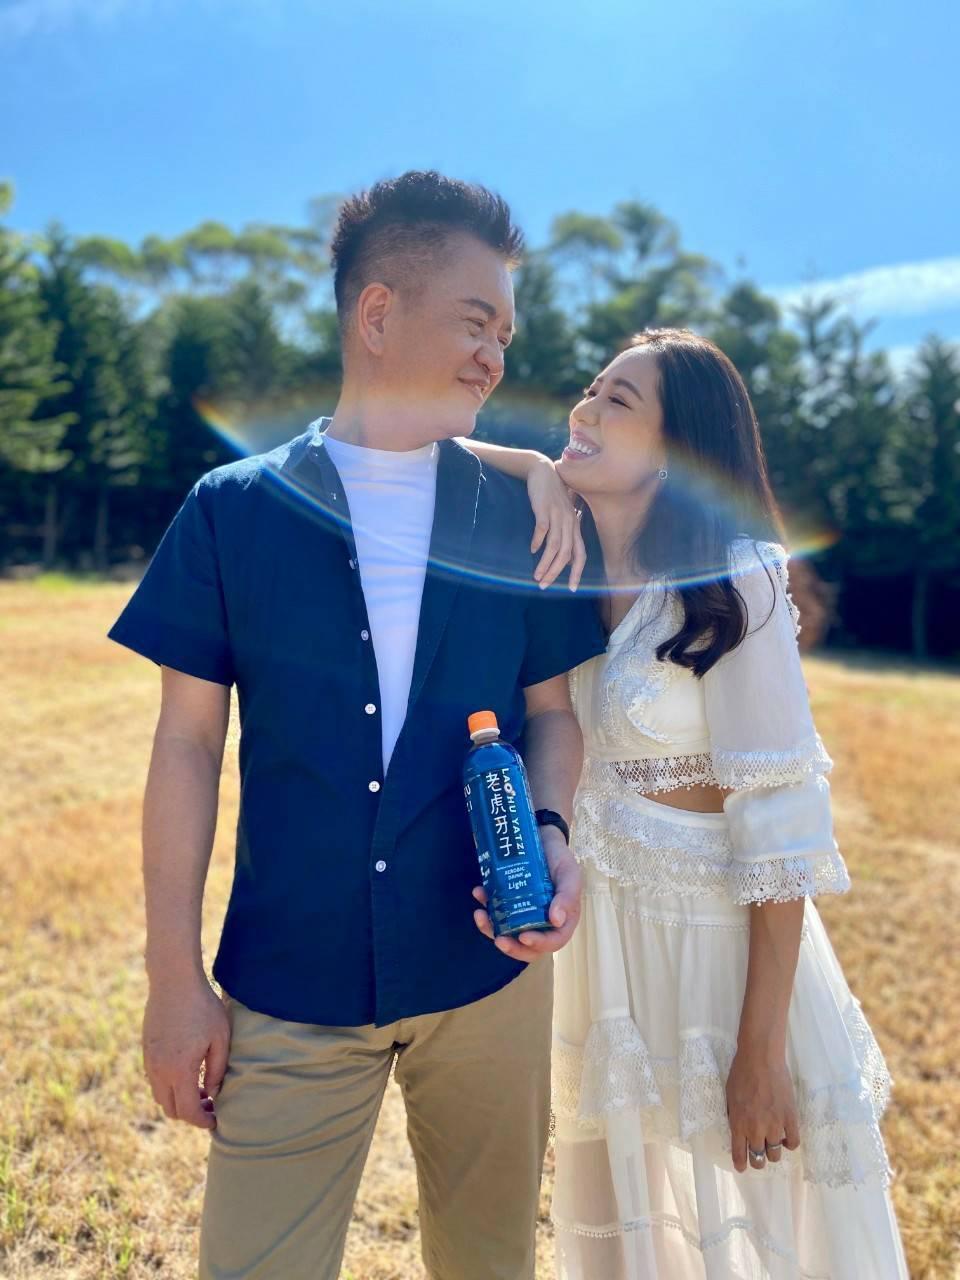 劉伊心(右)和老公林志隆錄製品牌廣告歌曲「氧氣隆虎伊」。圖/劉伊心提供